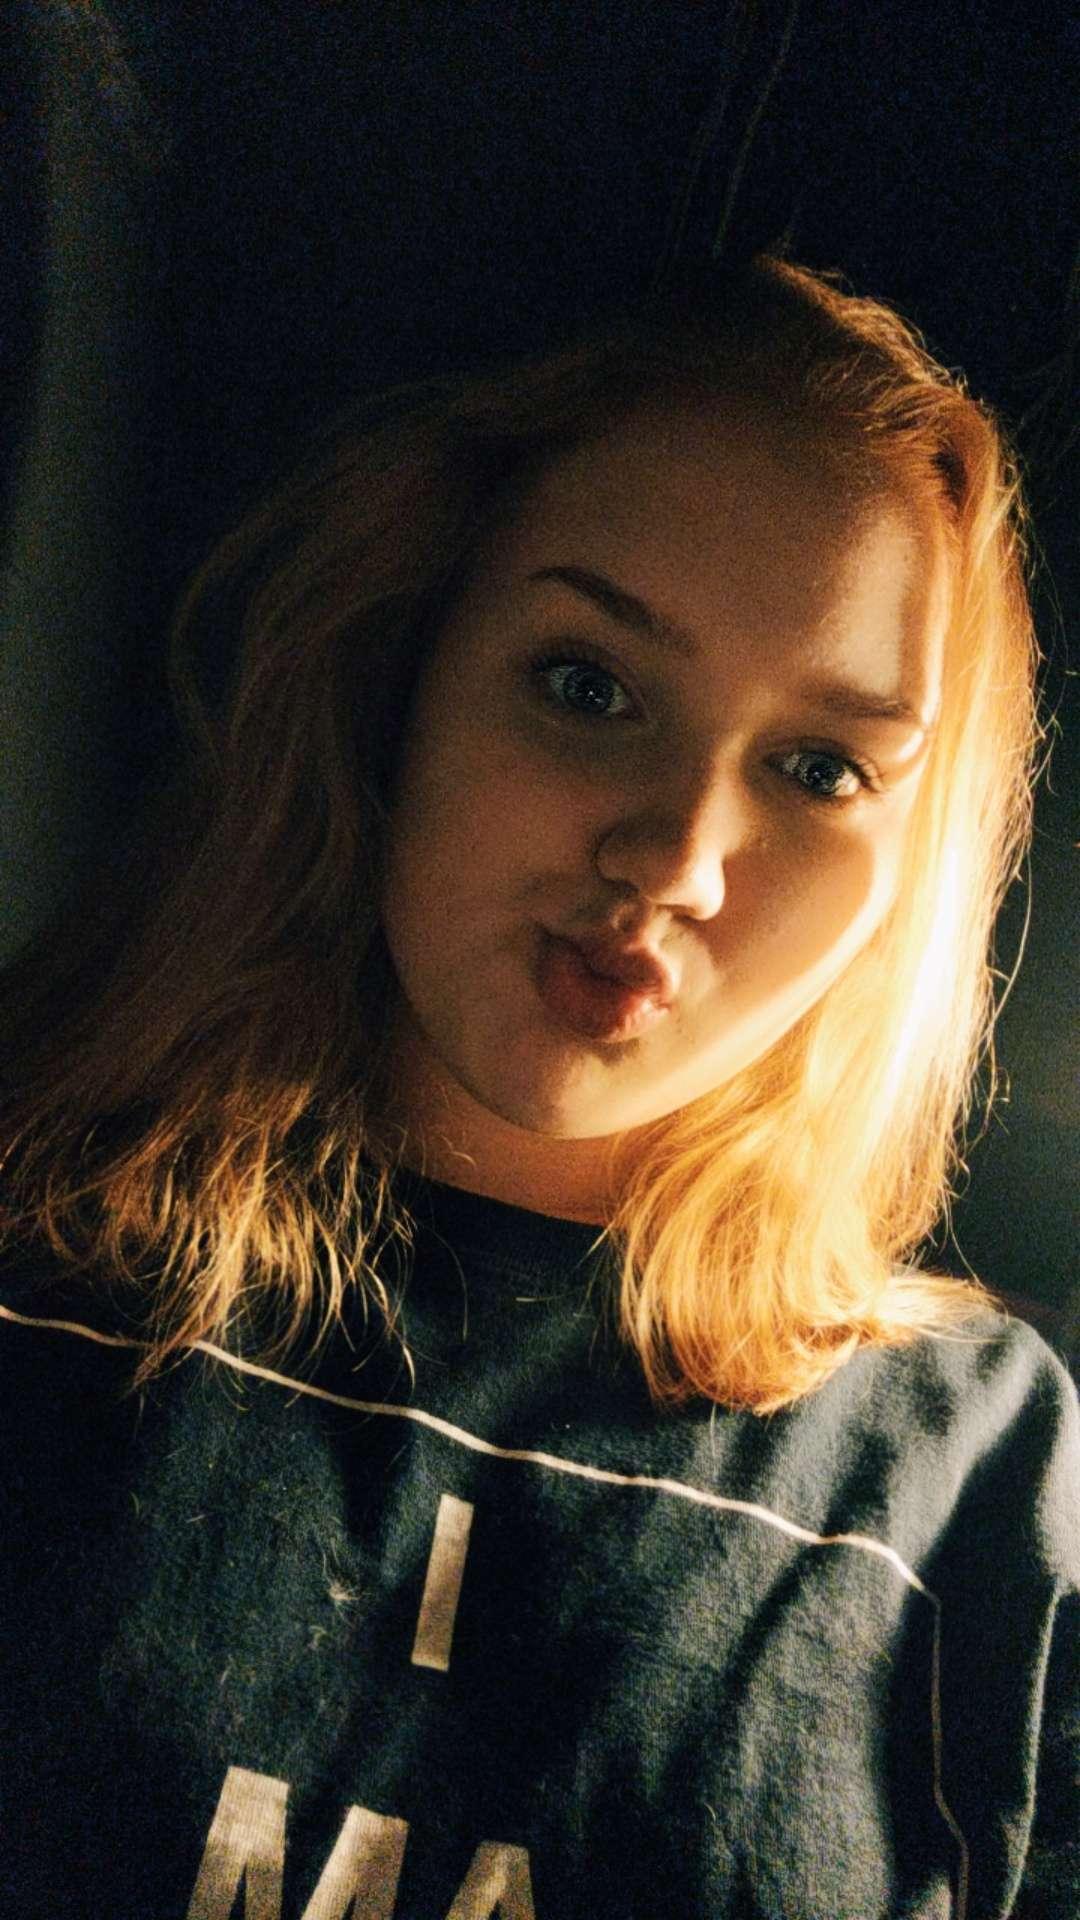 Jocelyn Diers's Profile Picture